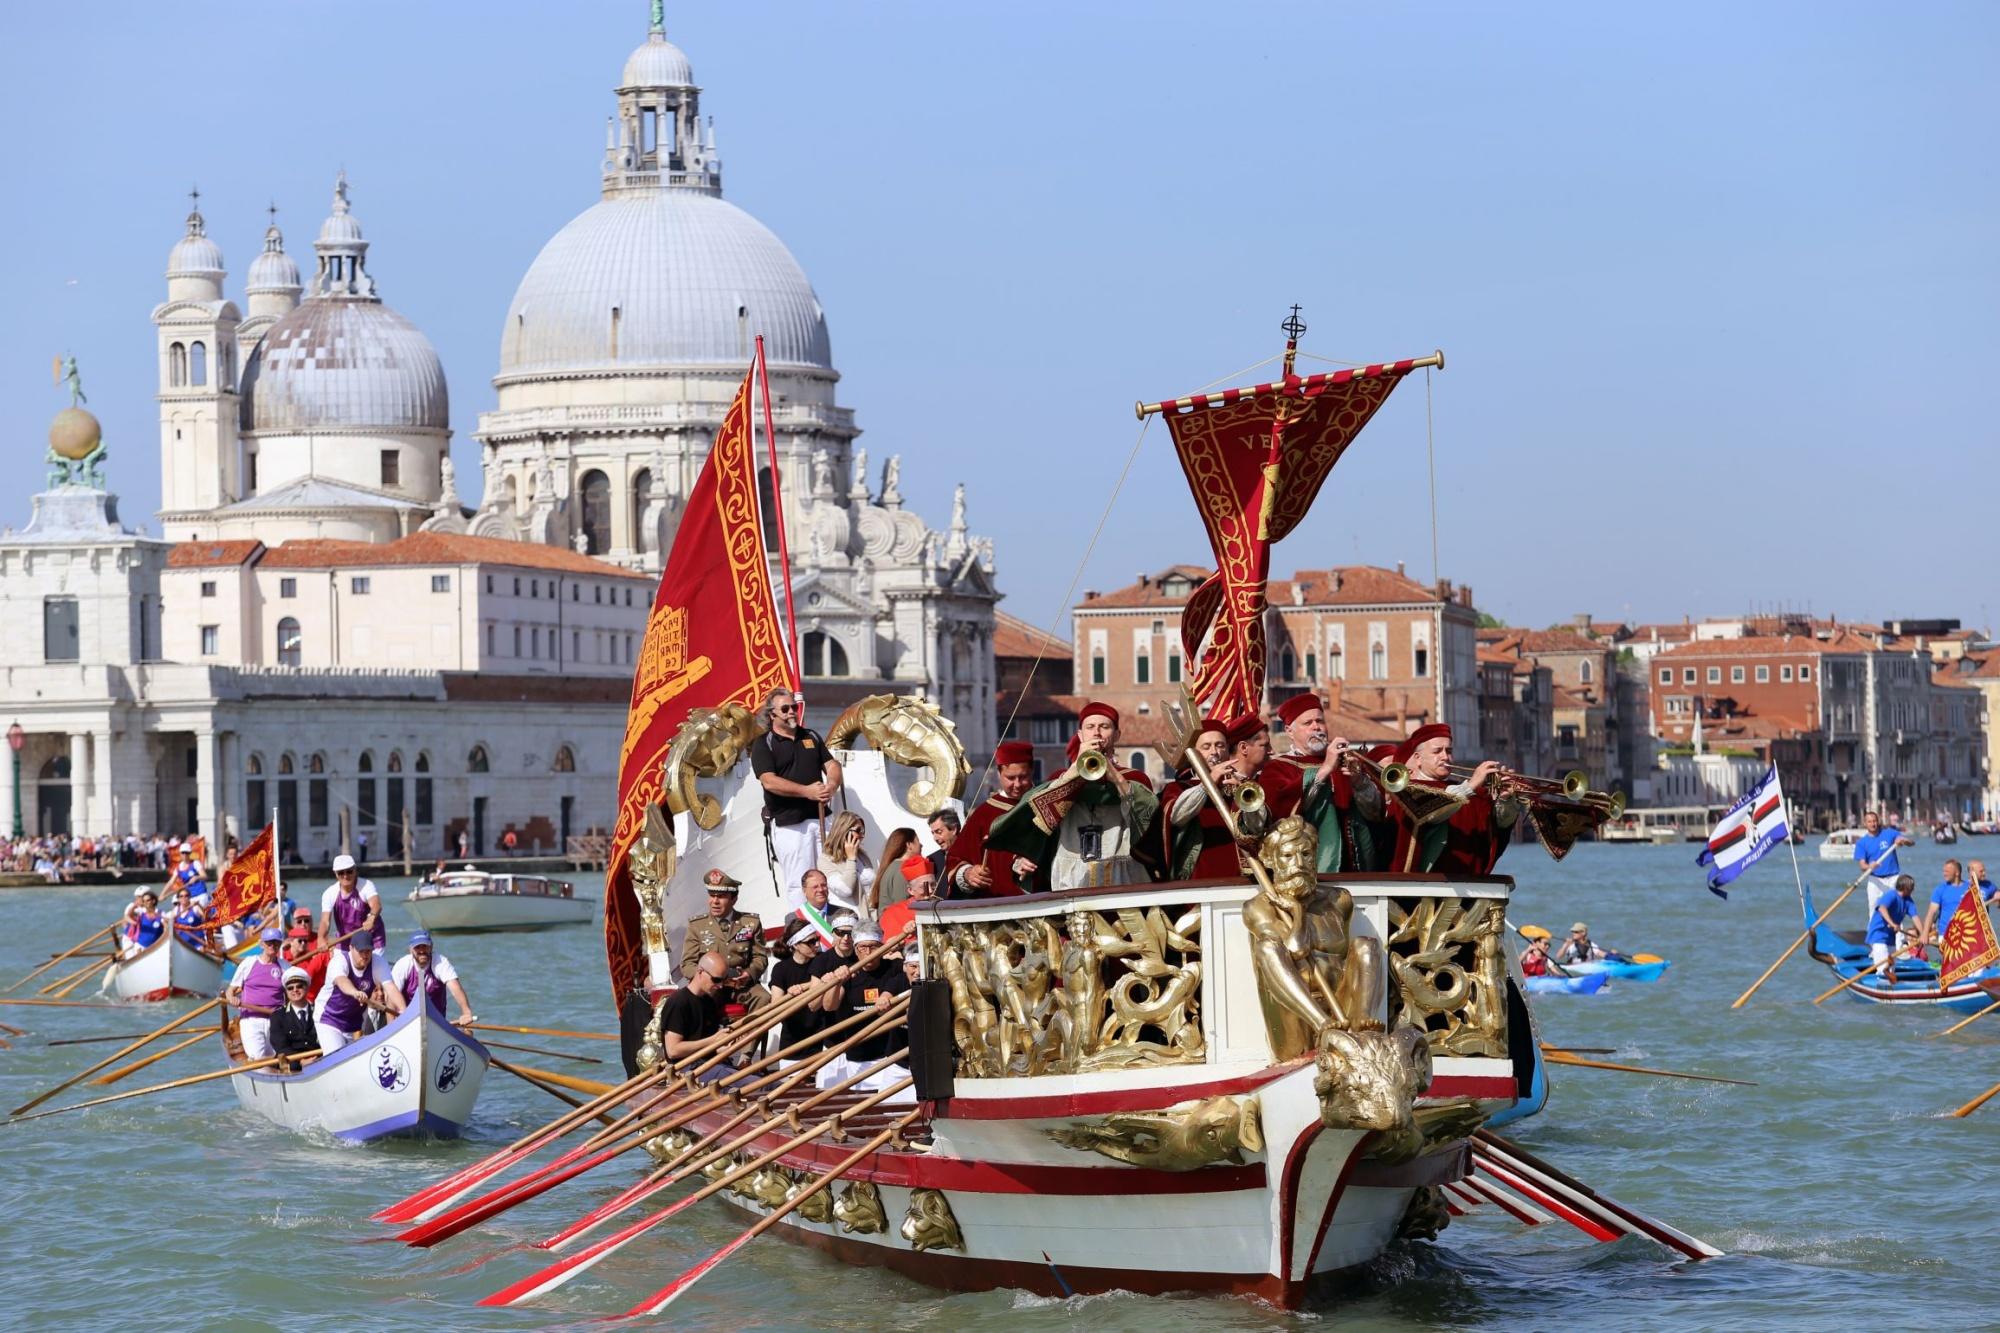 Αποτέλεσμα εικόνας για Festa della Sensa